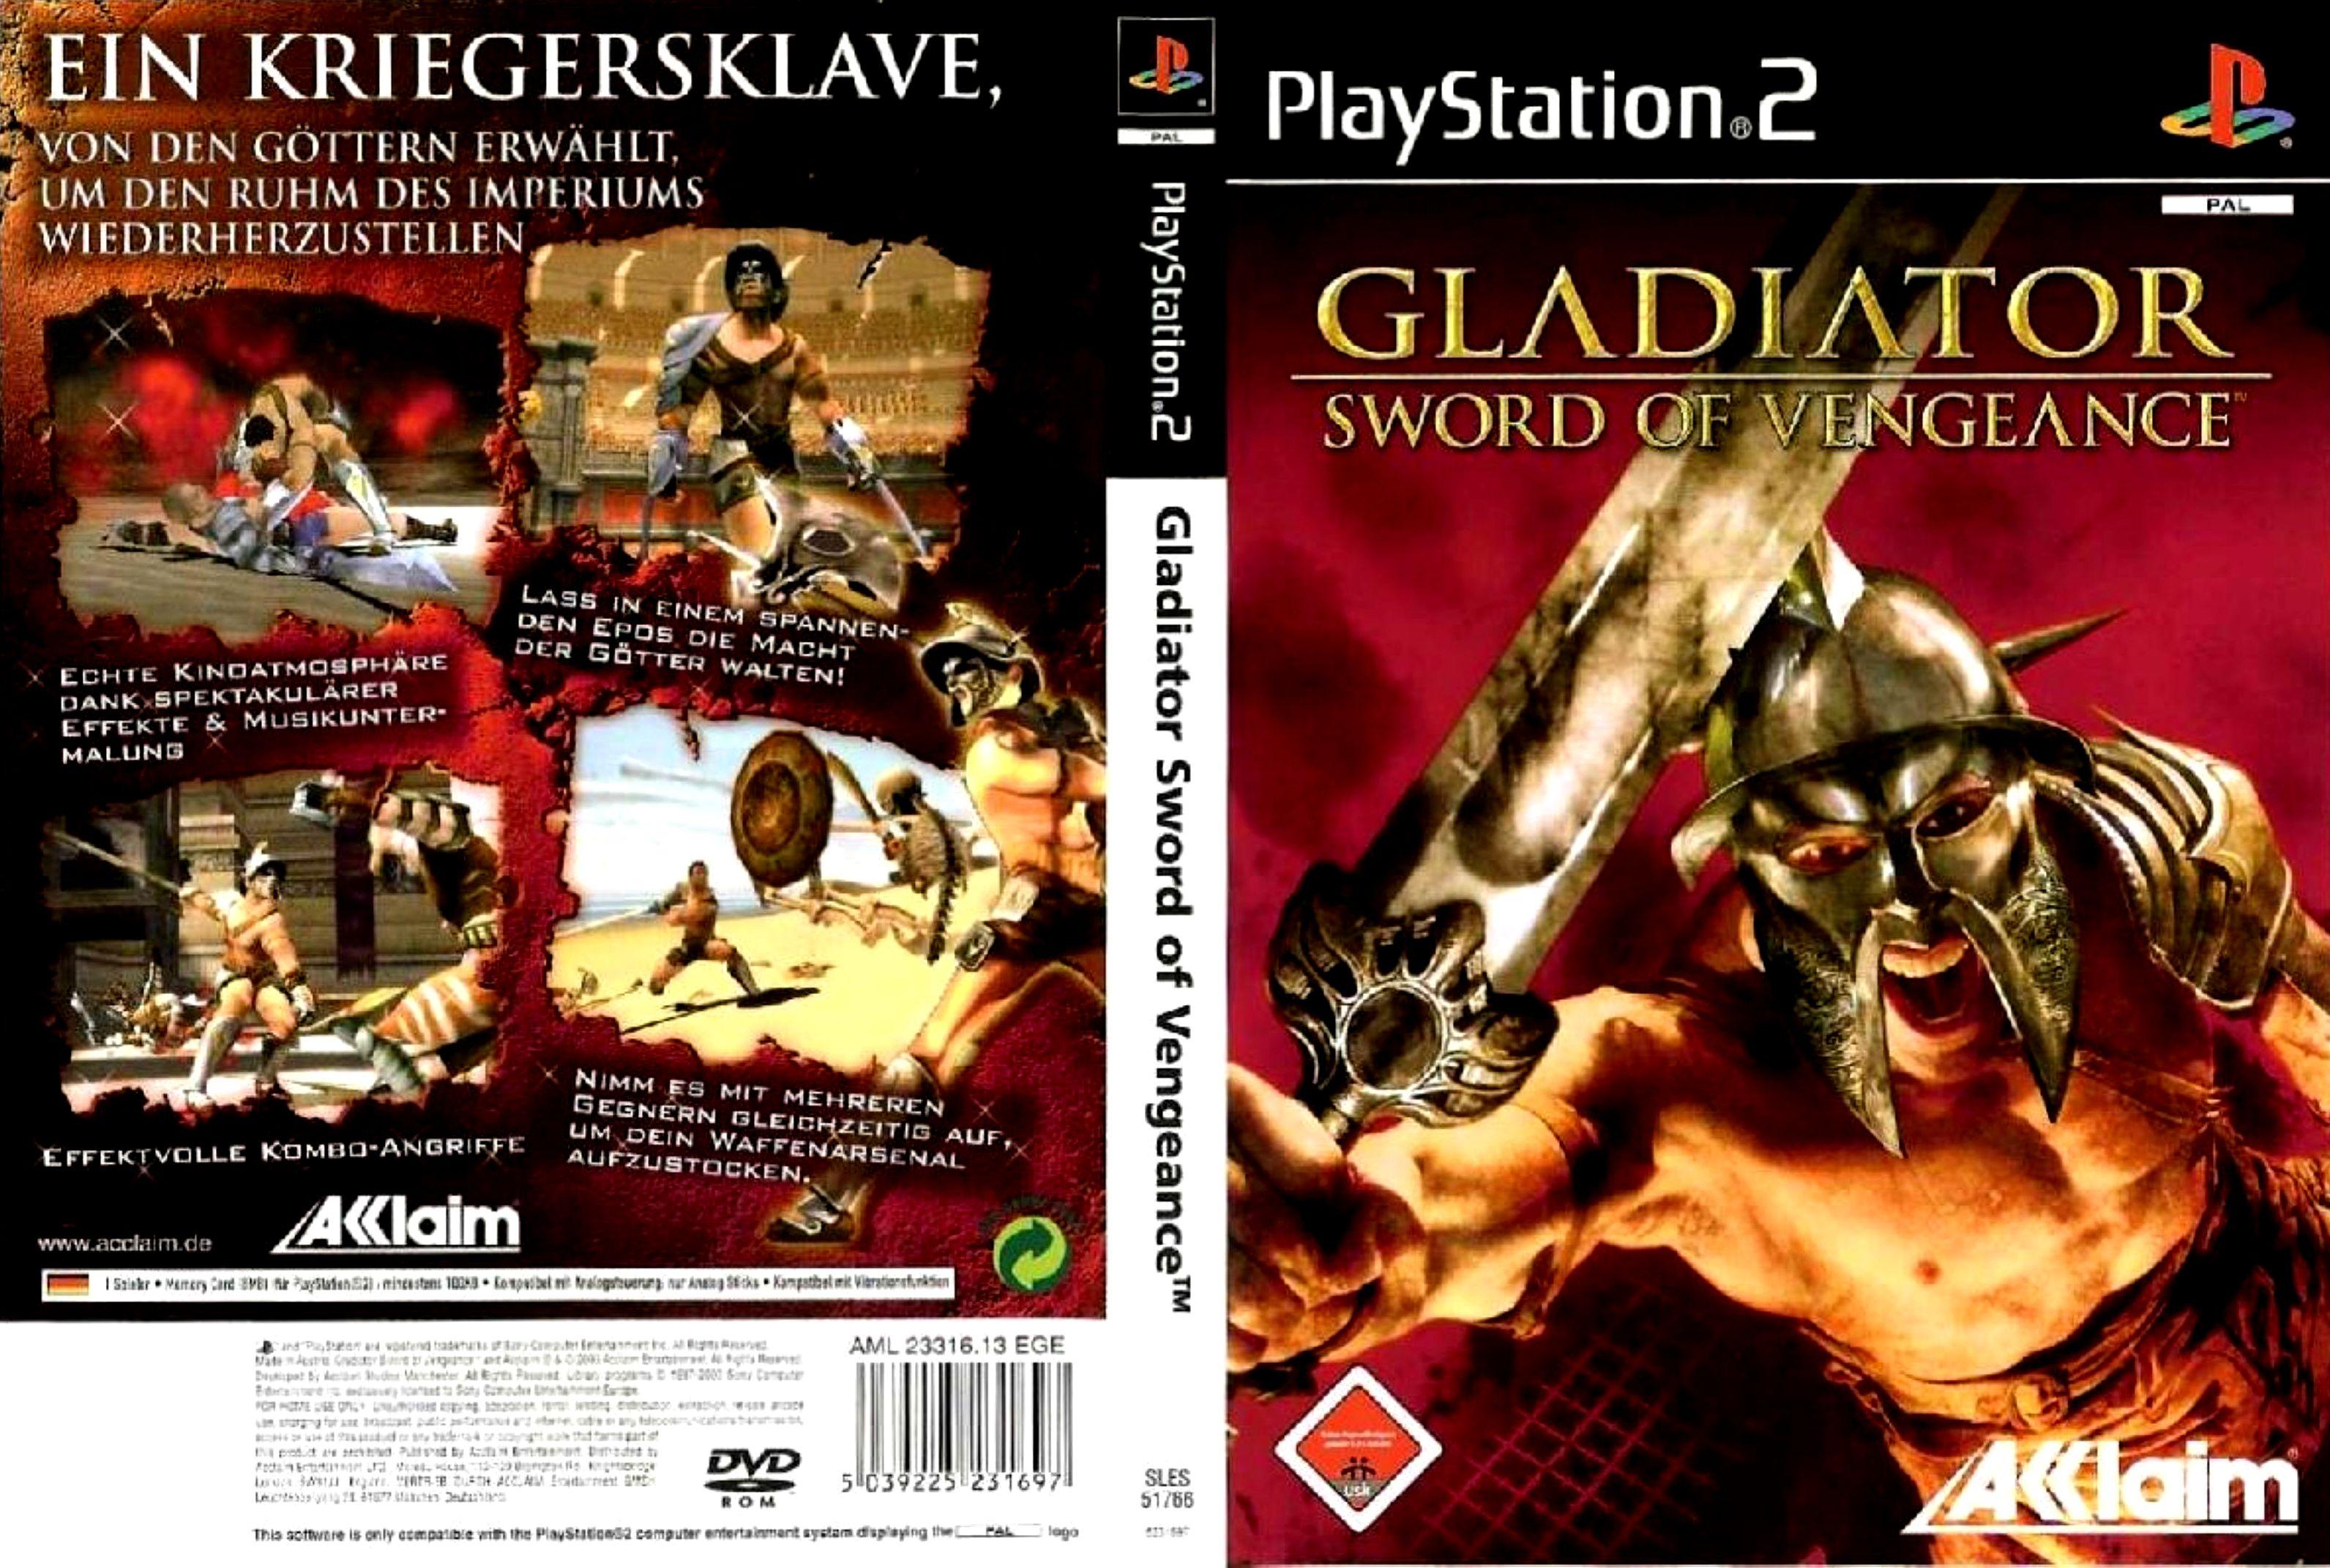 GladiatorSwordofVengeance